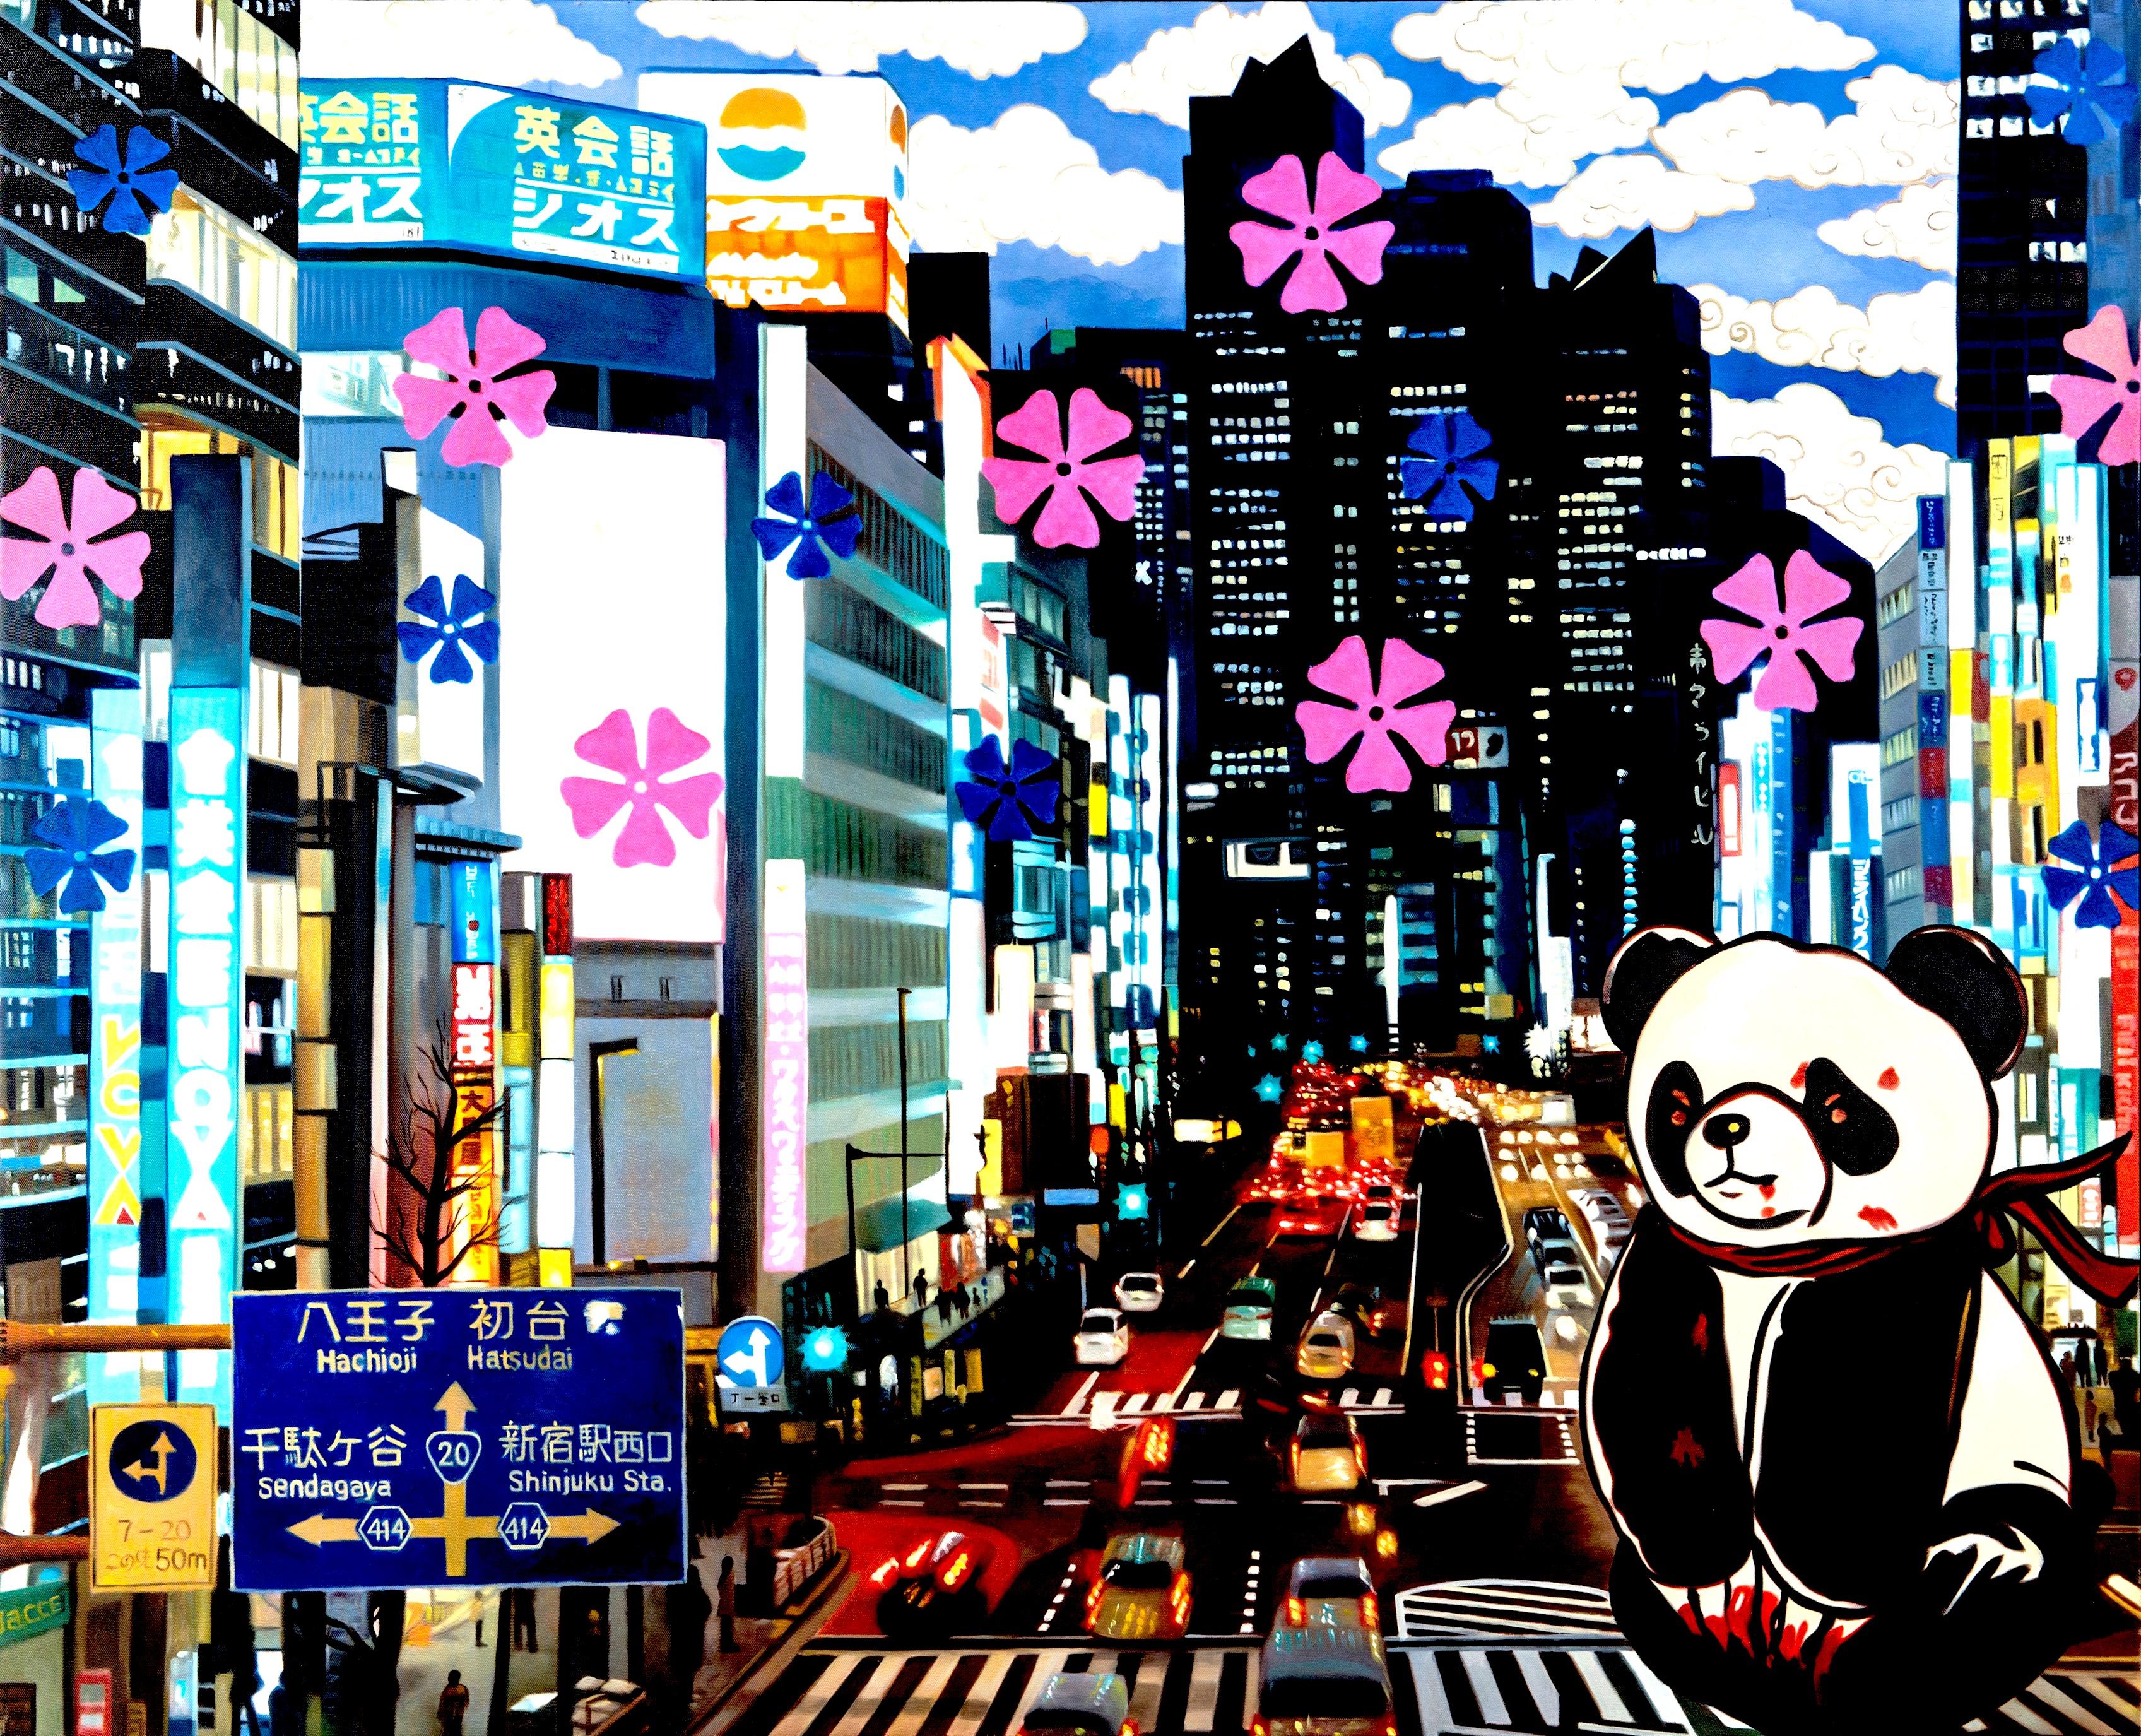 GOING TO HASHIOJI – web